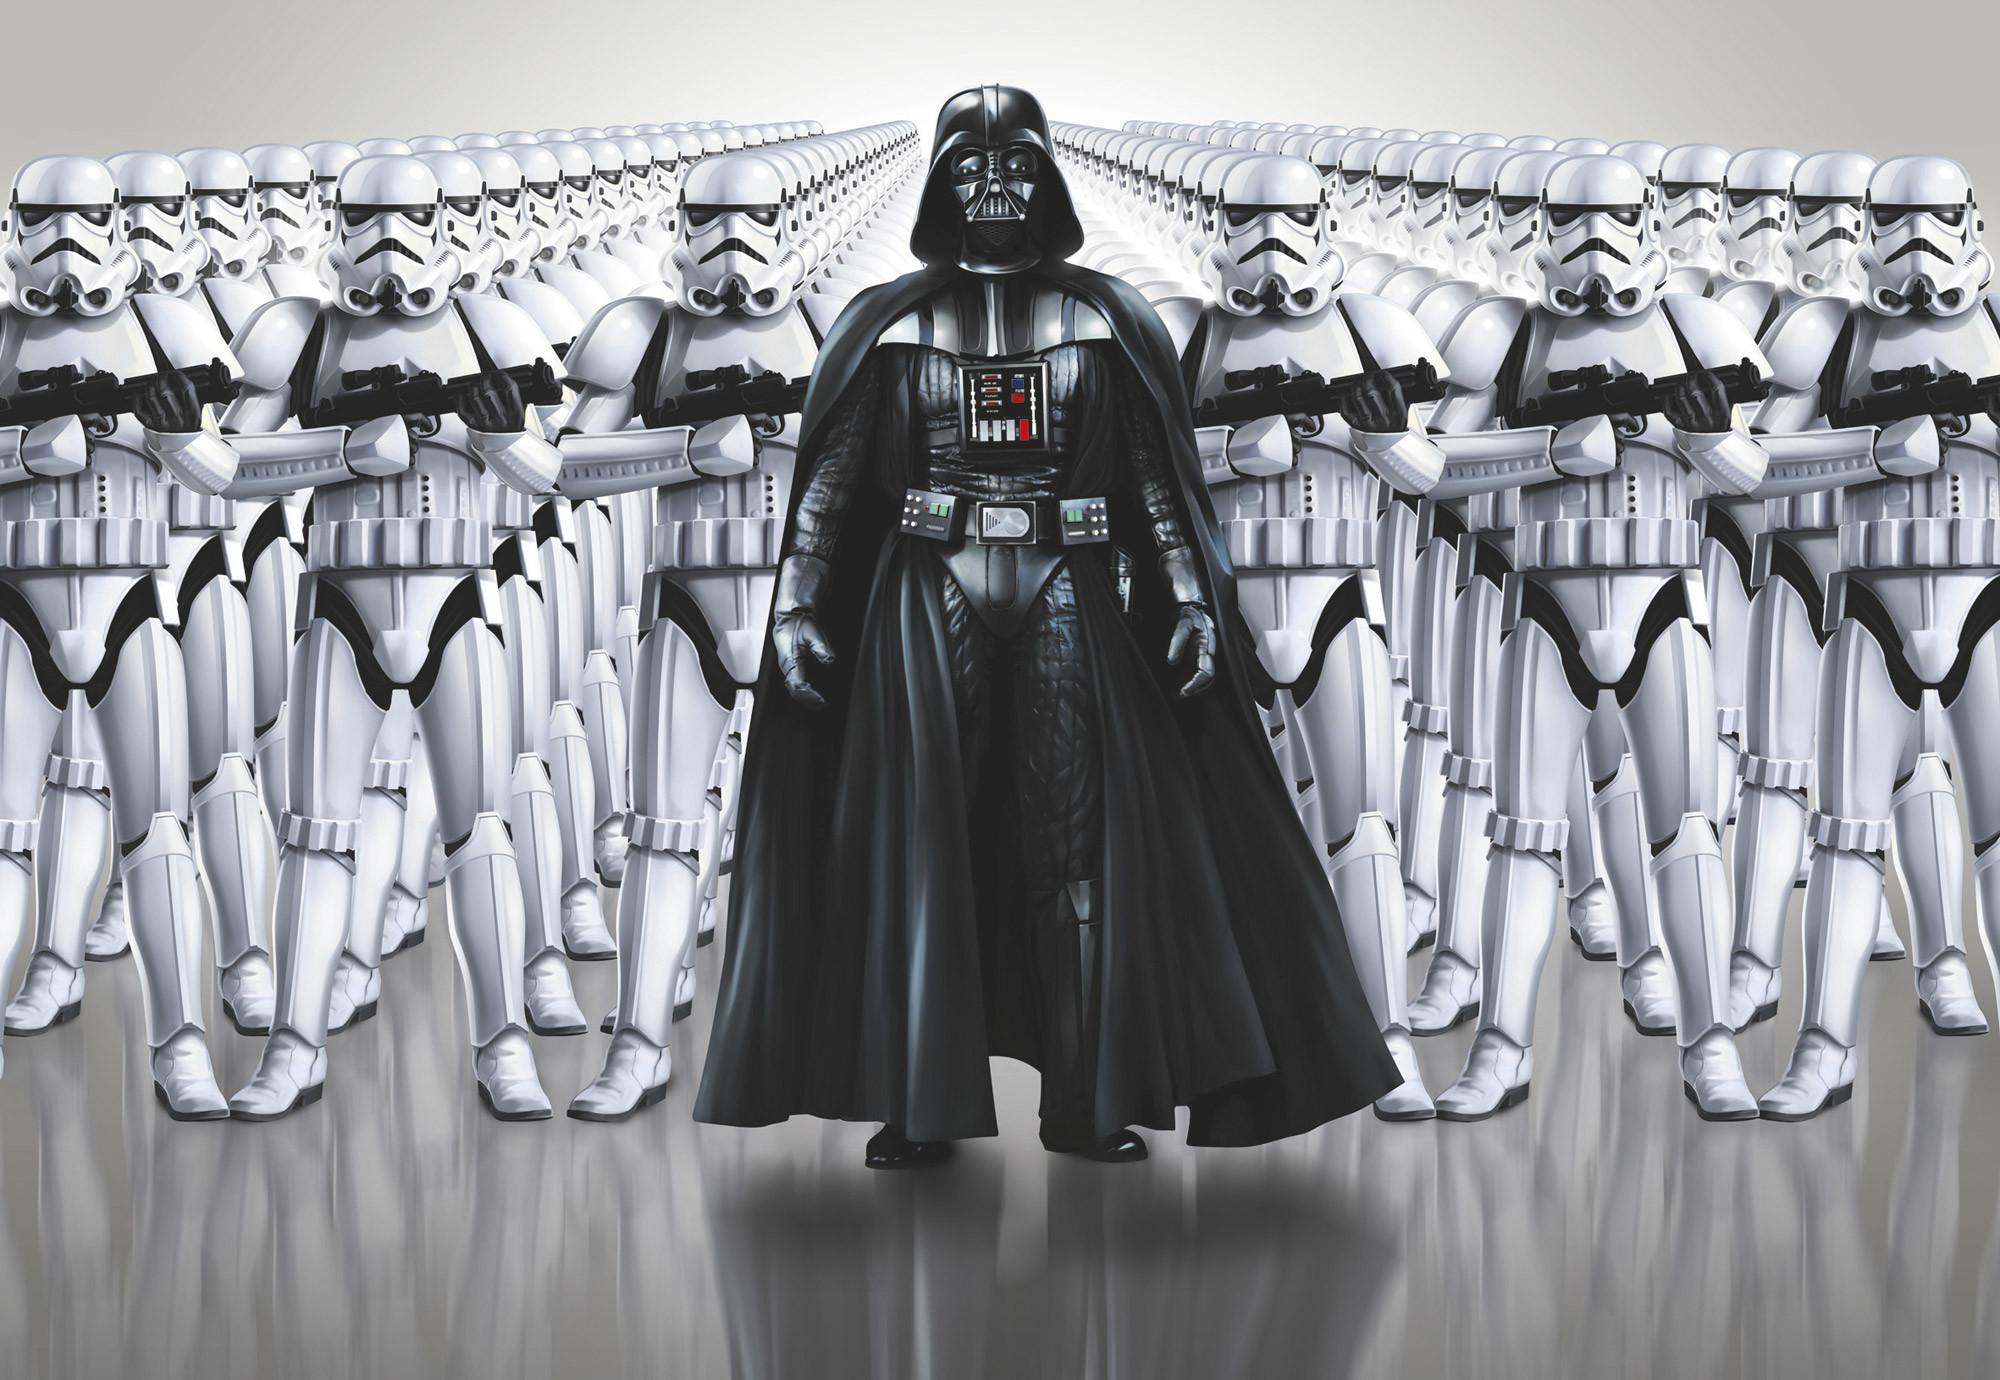 Star Wars 4K Wallpaper 01 2000 x 1380